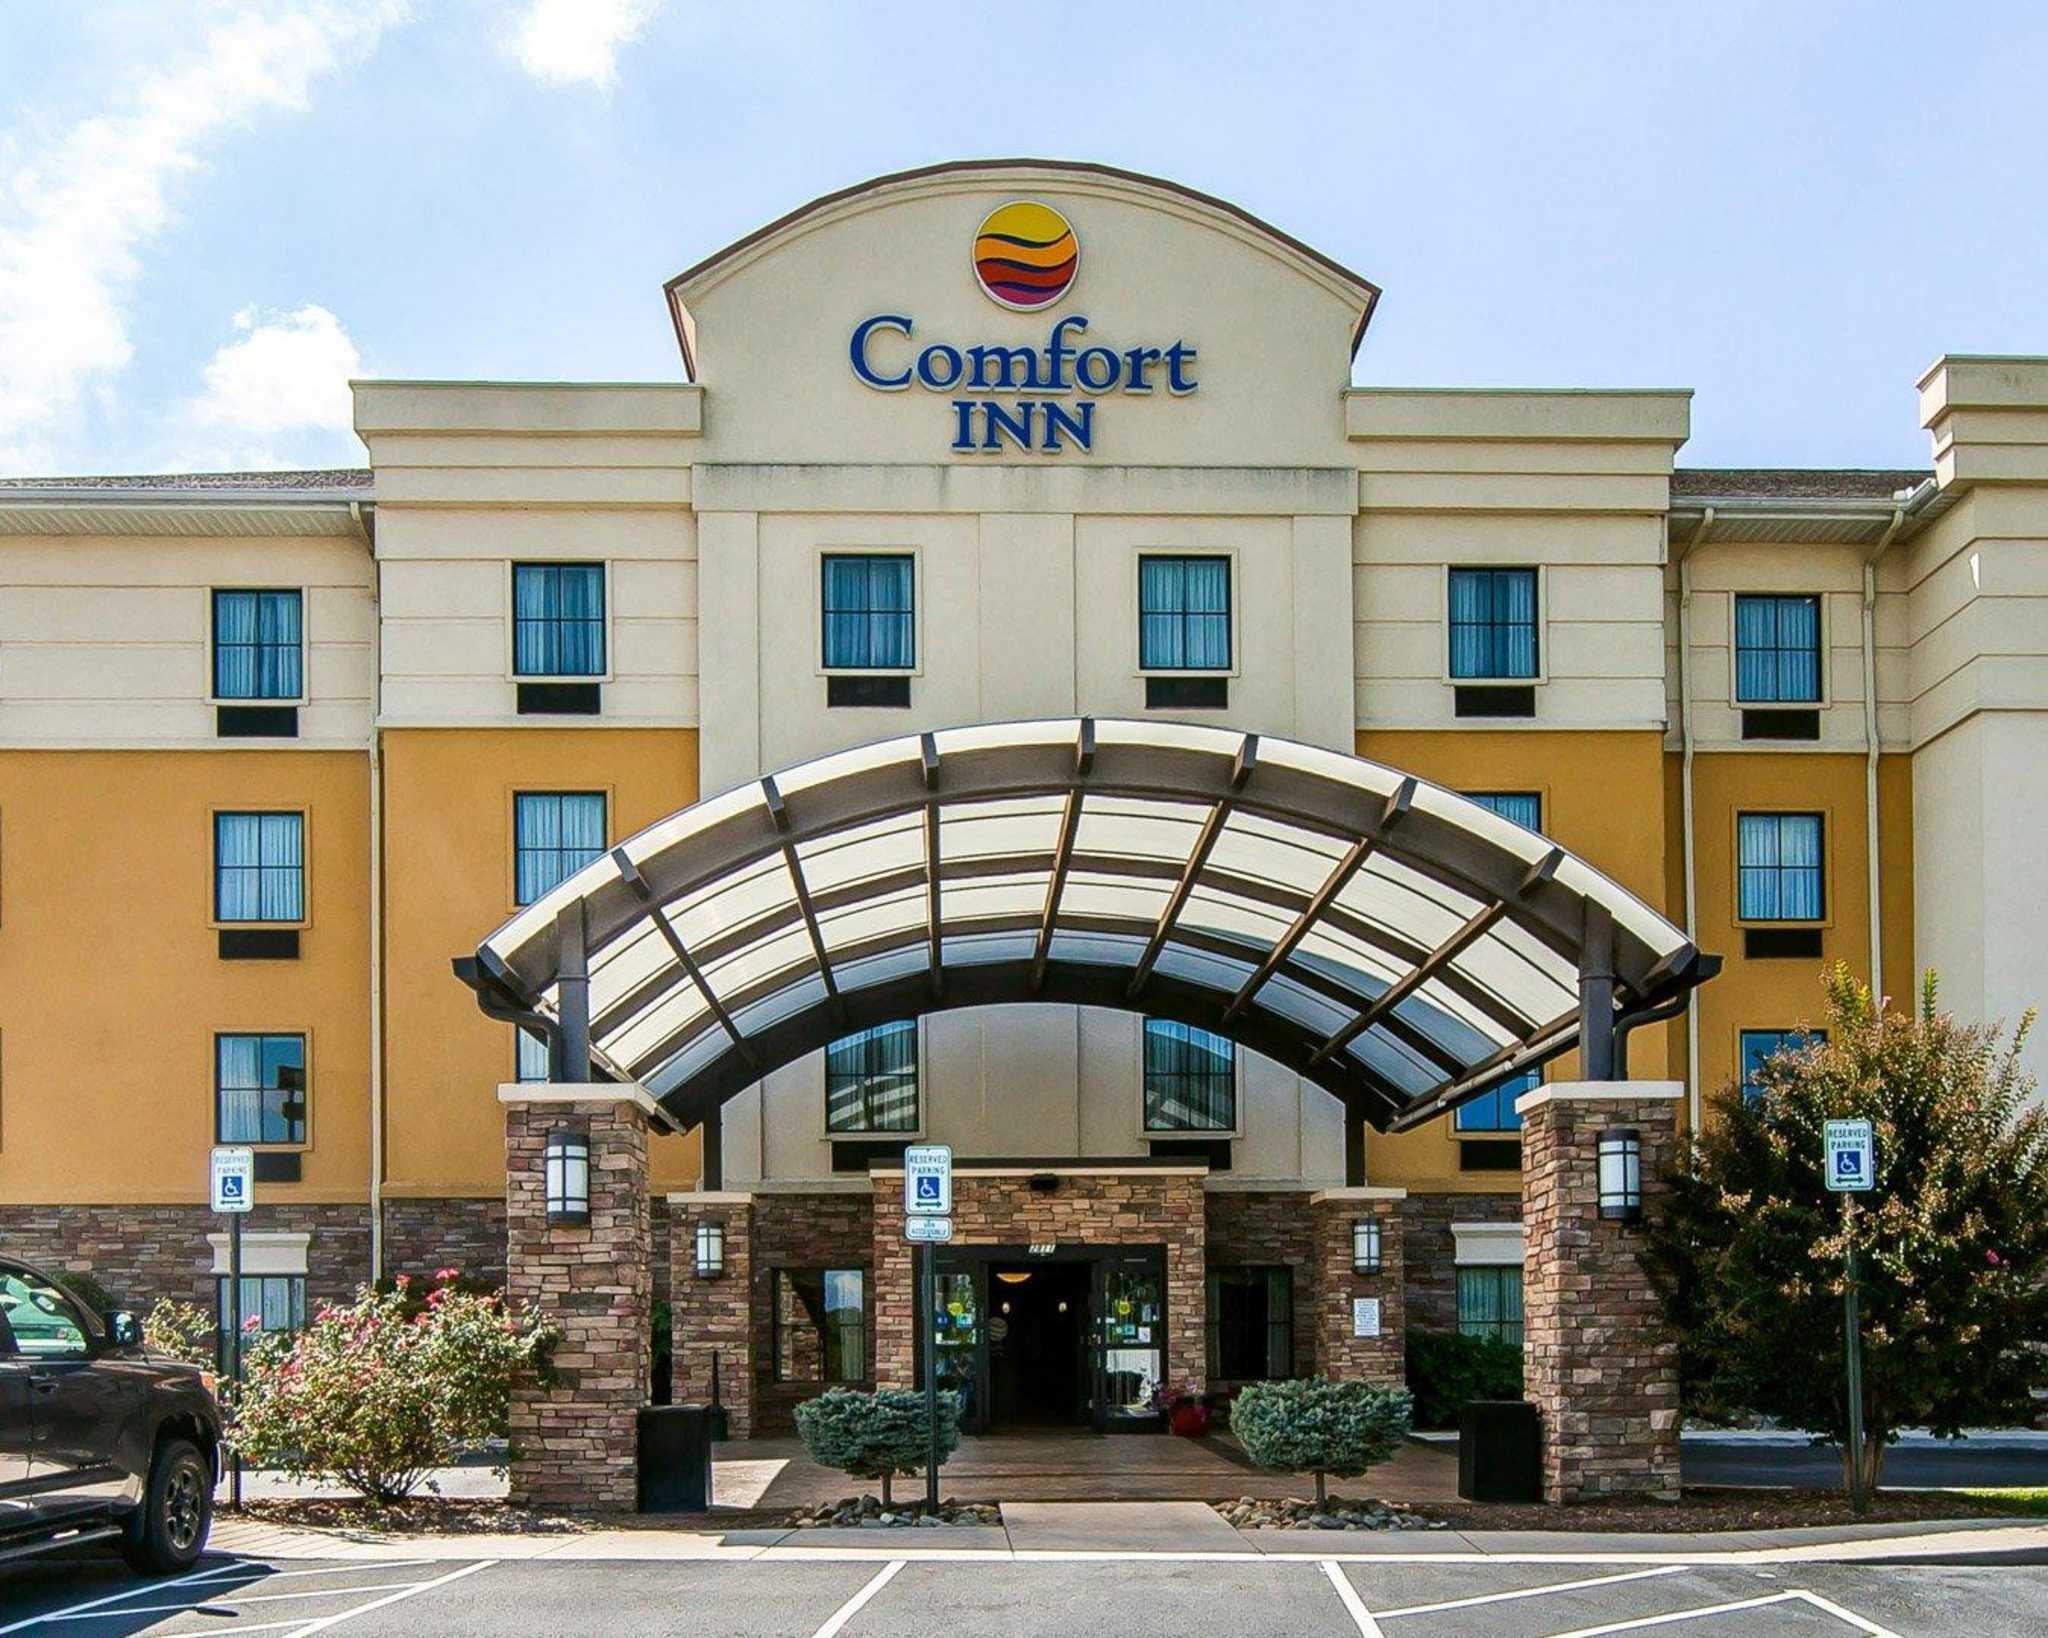 Comfort Inn image 41